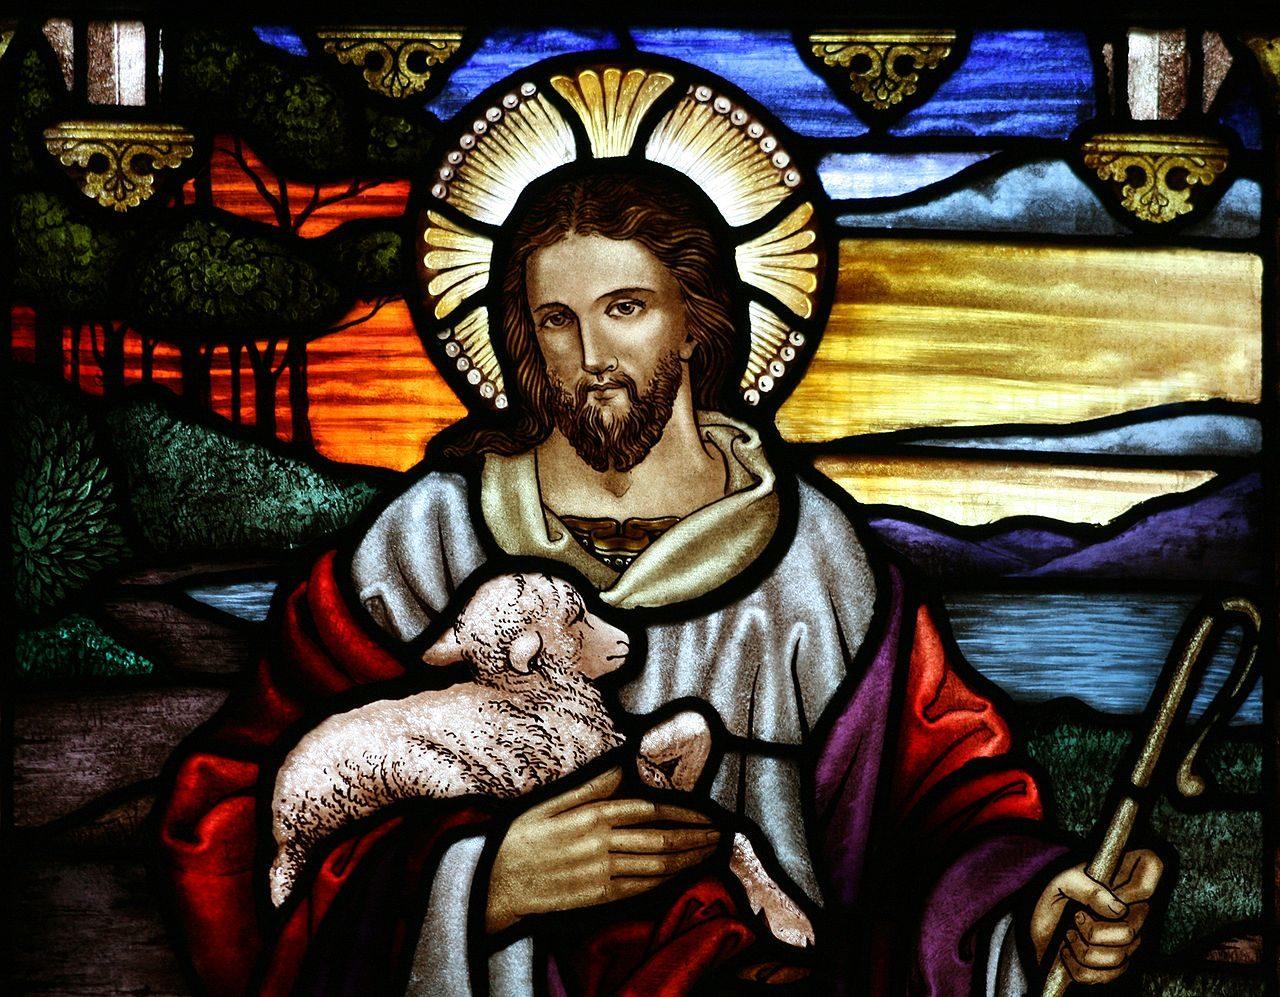 Vitrail de l'église anglicane Saint-Jean-Baptiste-d'Ashfield, en Nouvelle-Galles du Sud (Australie). Le vitrail illustre la description de Jésus par lui même dans l'évangile de Jean : «Je suis le bon berger. Le bon berger donne sa vie pour ses brebis.»